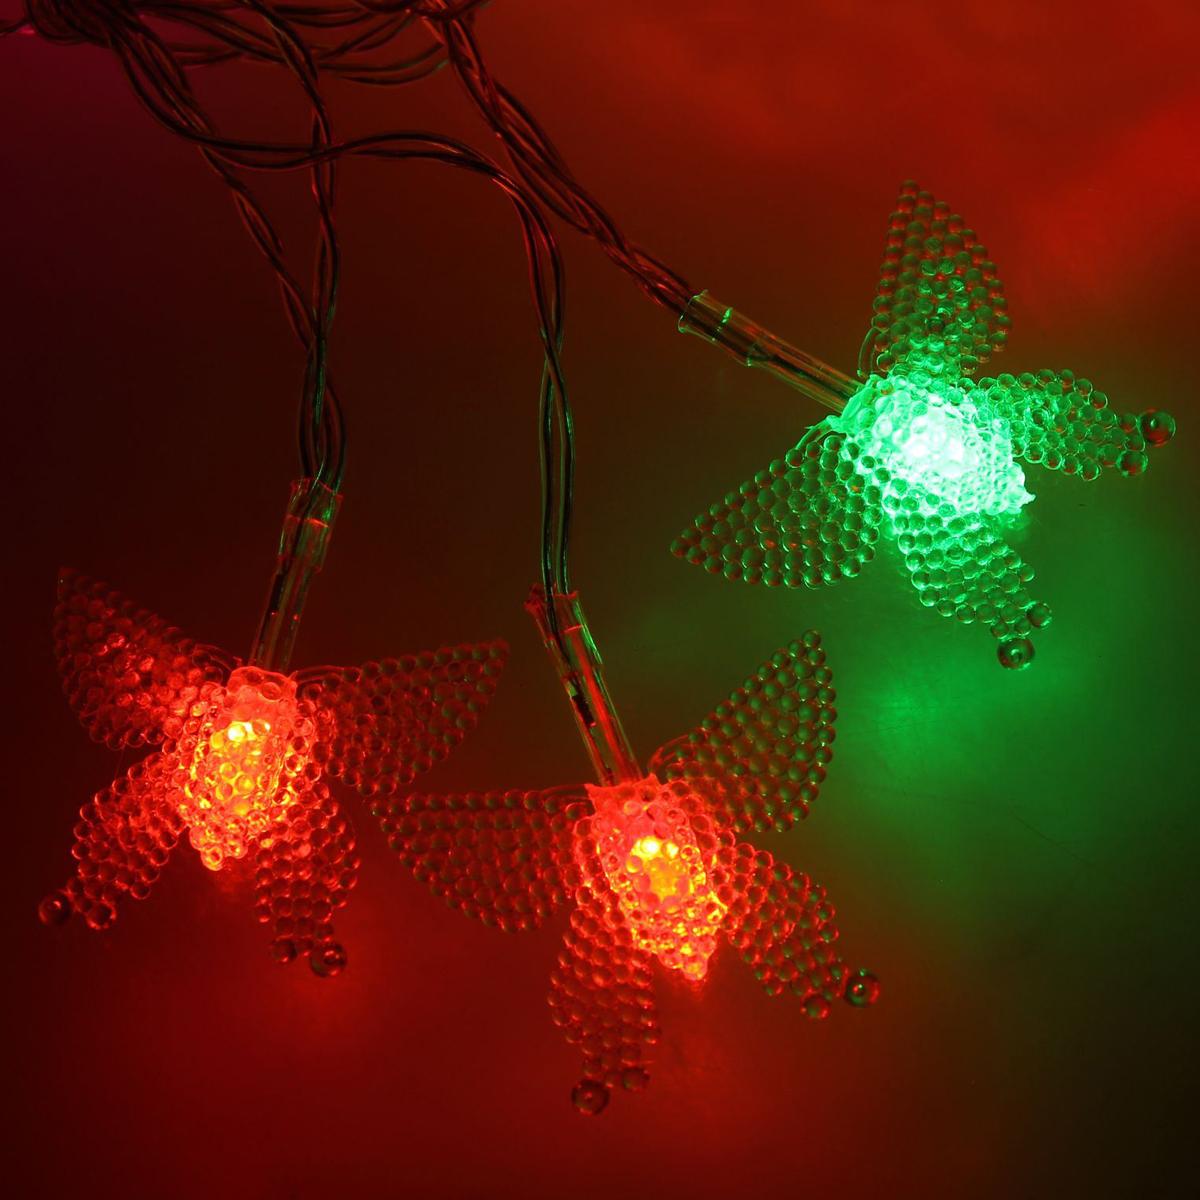 Гирлянда светодиодная Luazon Метраж. Бабочка в крапинку, 20 ламп, 3,6 V, длина 3 м1080369Светодиодные гирлянды и ленты — это отличный вариант для новогоднего оформления интерьера или фасада. С их помощью помещение любого размера можно превратить в праздничный зал, а внешние элементы зданий, украшенные ими, мгновенно станут напоминать очертания сказочного дворца. Такие украшения создают ауру предвкушения чуда. Деревья, фасады, витрины, окна и арки будто специально созданы, чтобы вы украсили их светящимися нитями.